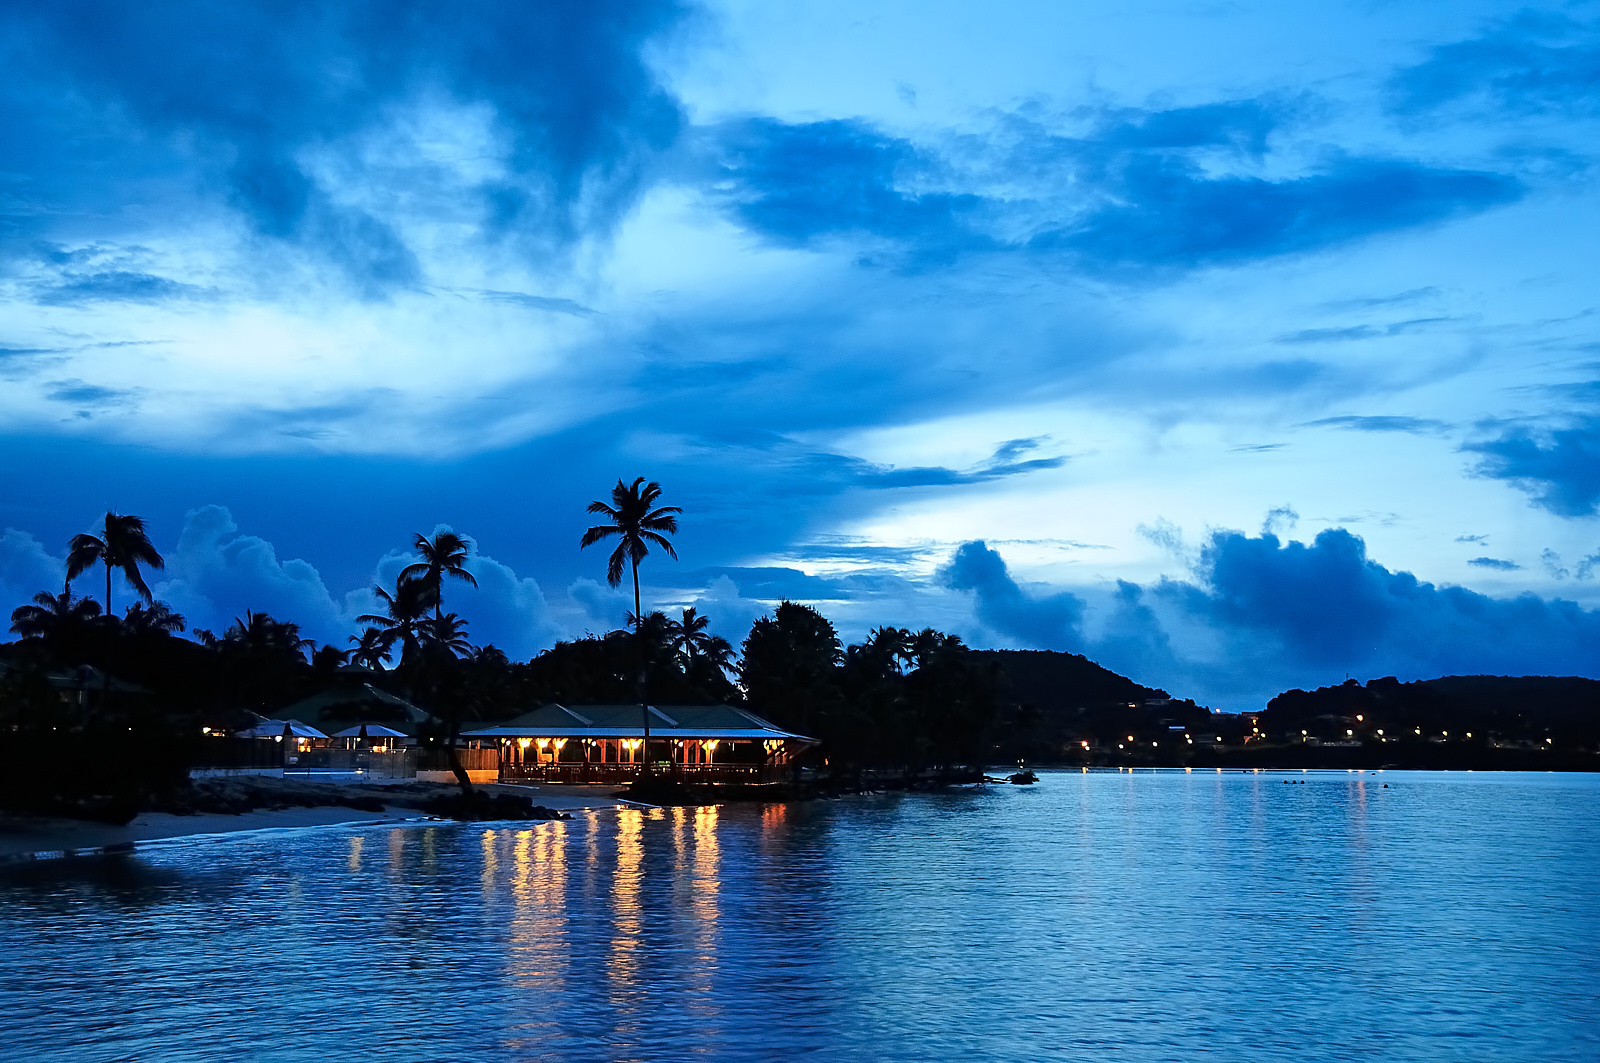 Blue daybreak